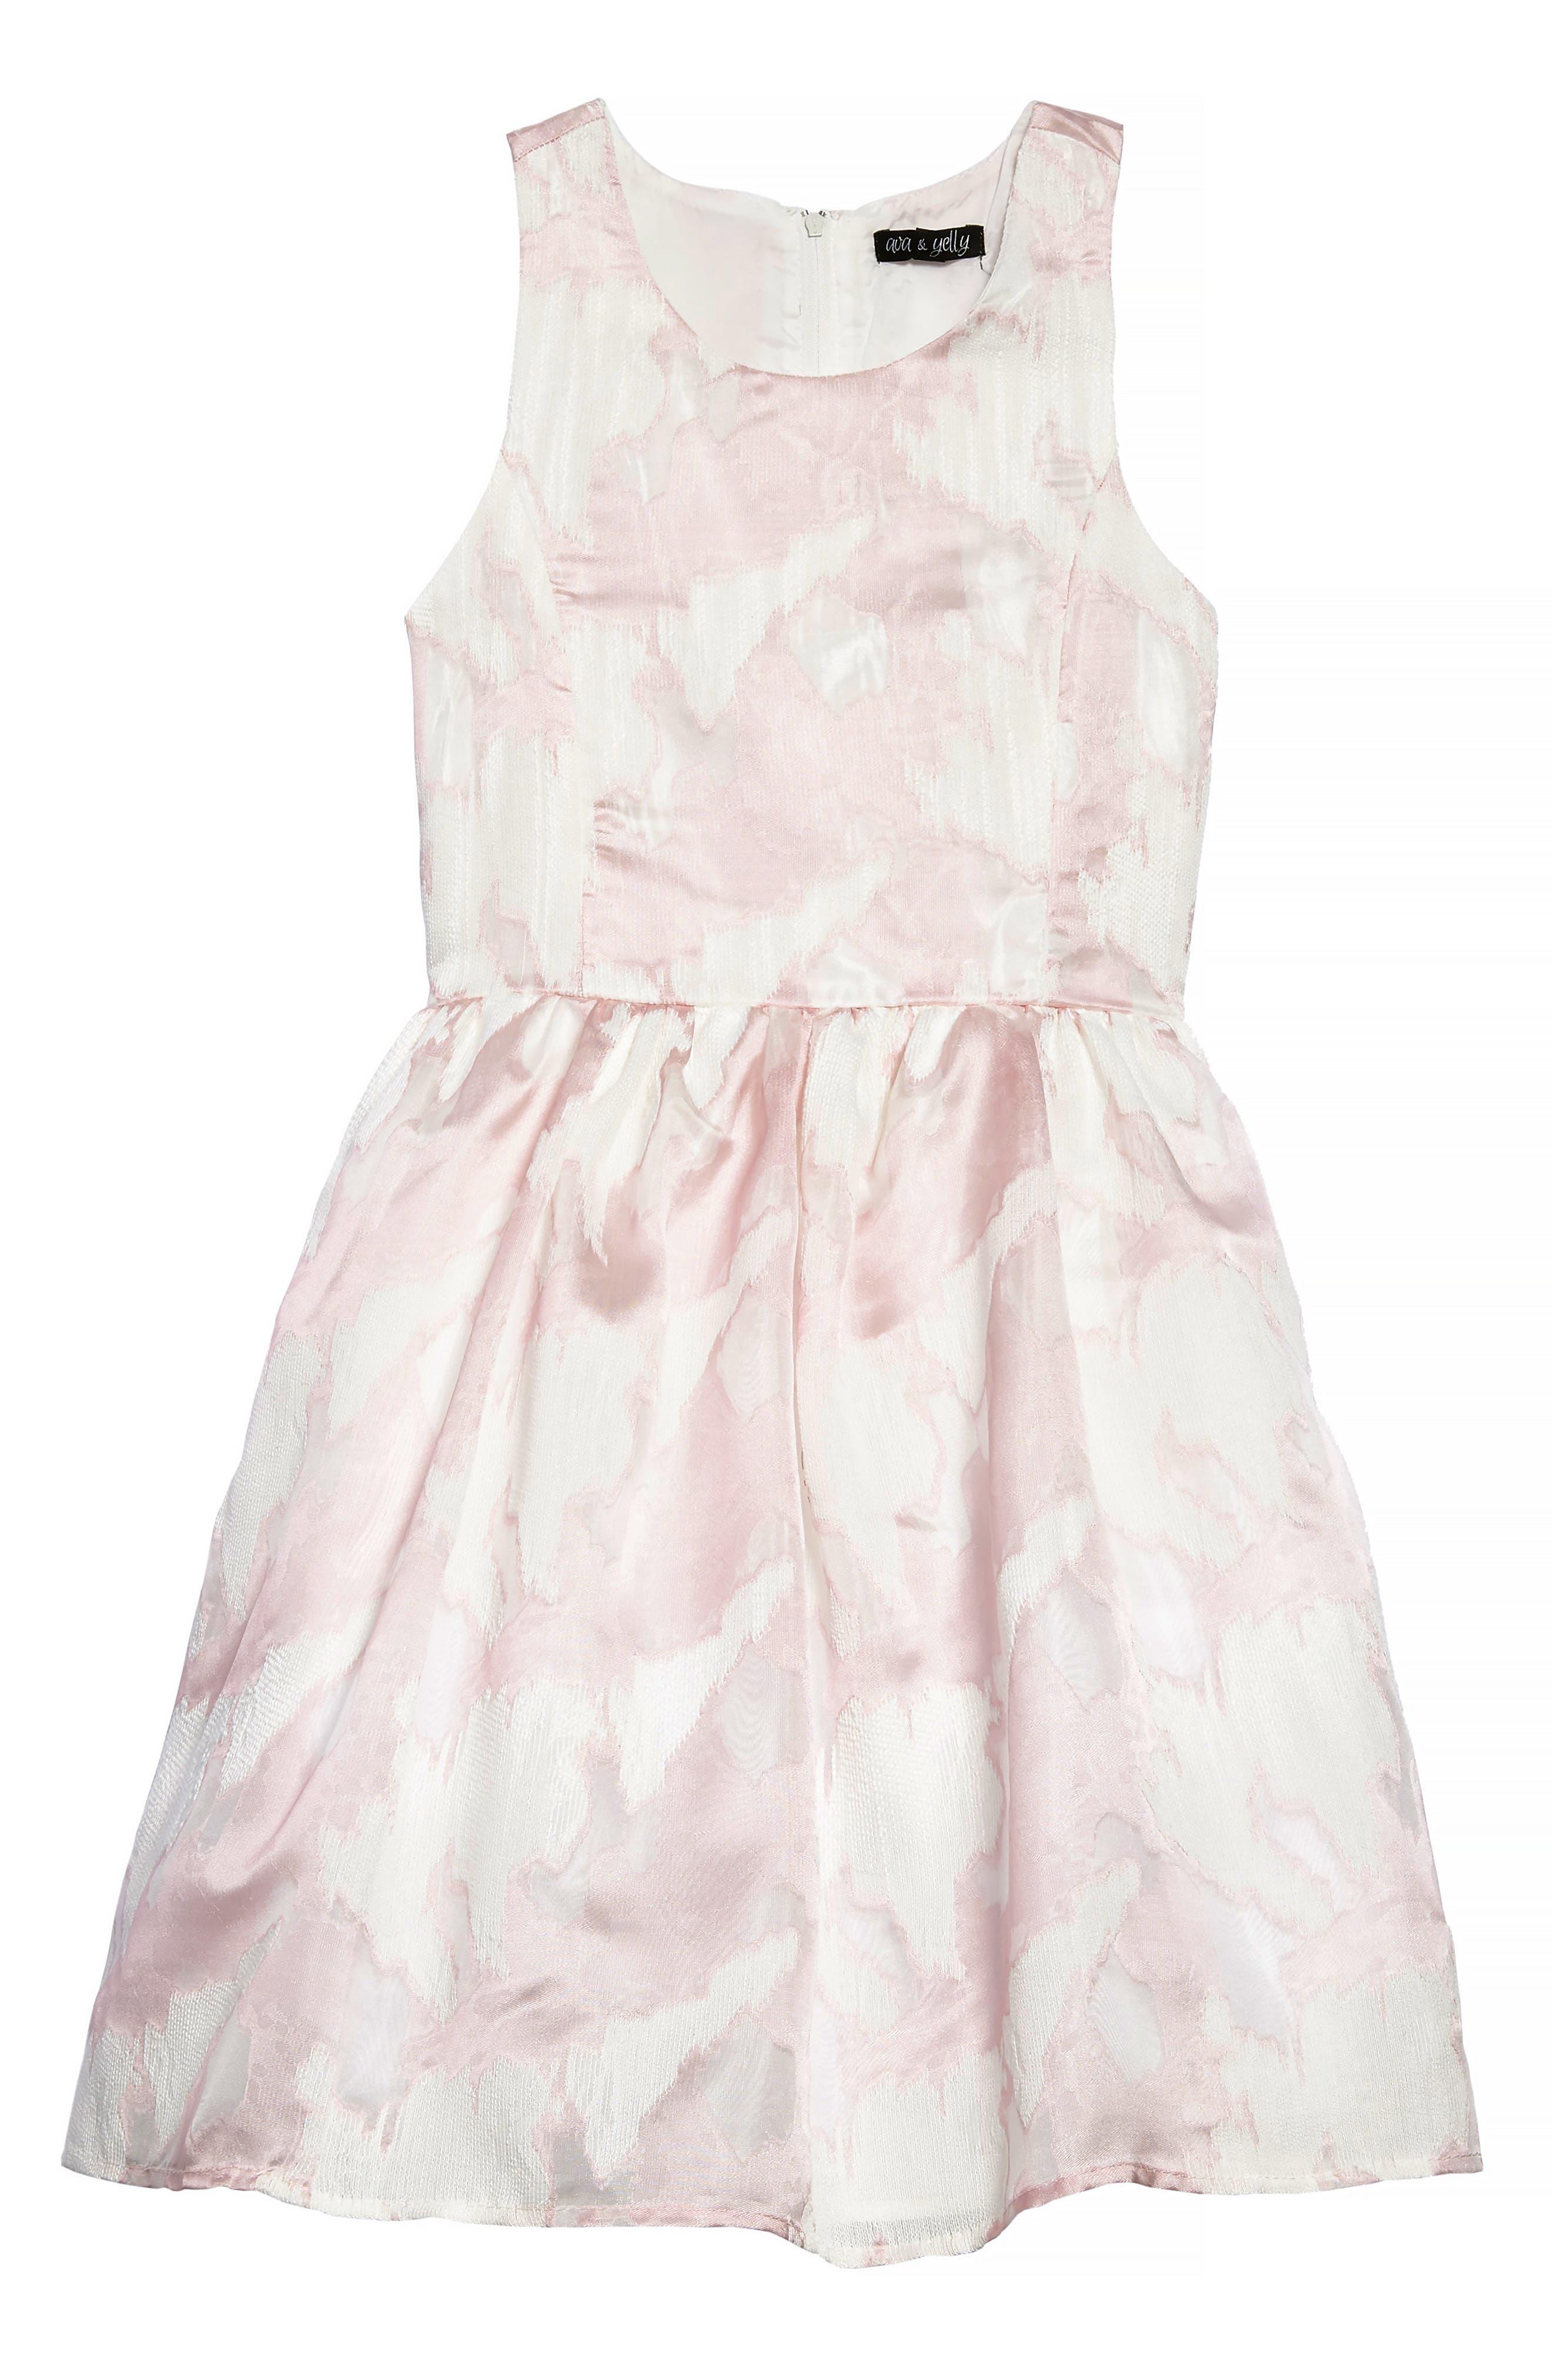 Chiffon Party Dress,                             Main thumbnail 1, color,                             690